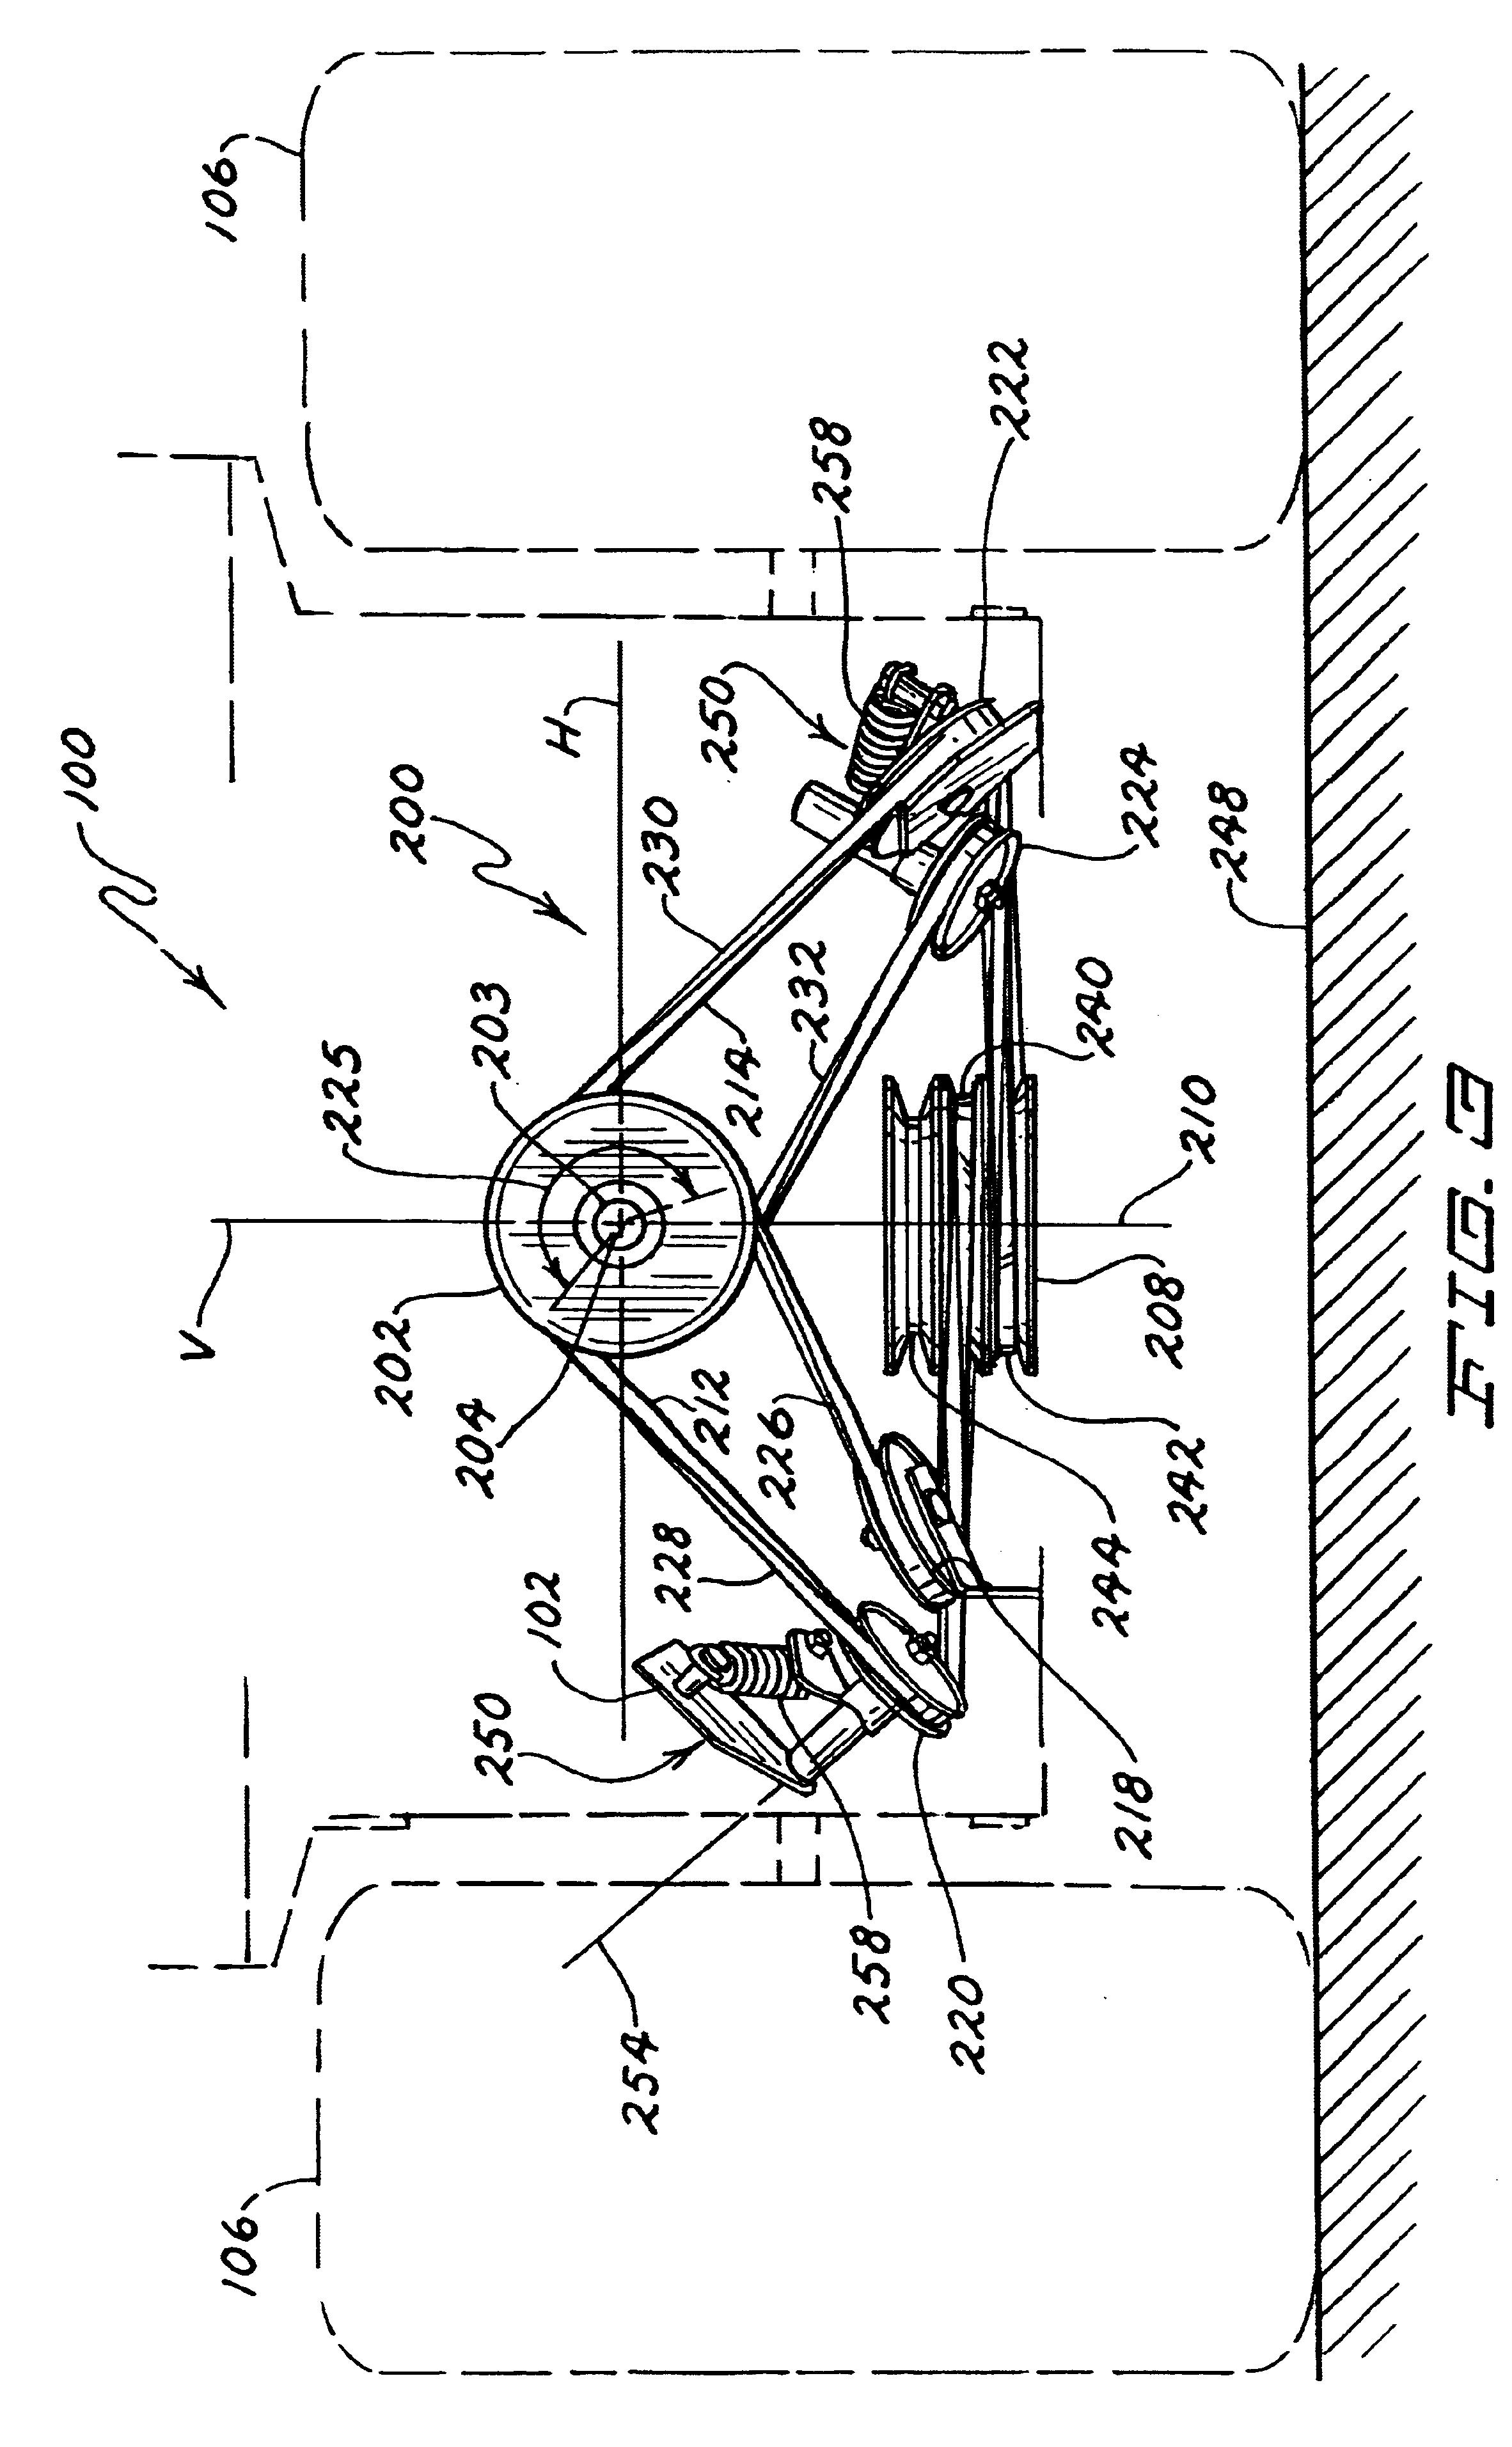 Exmark Lazer Z Pulley Diagram